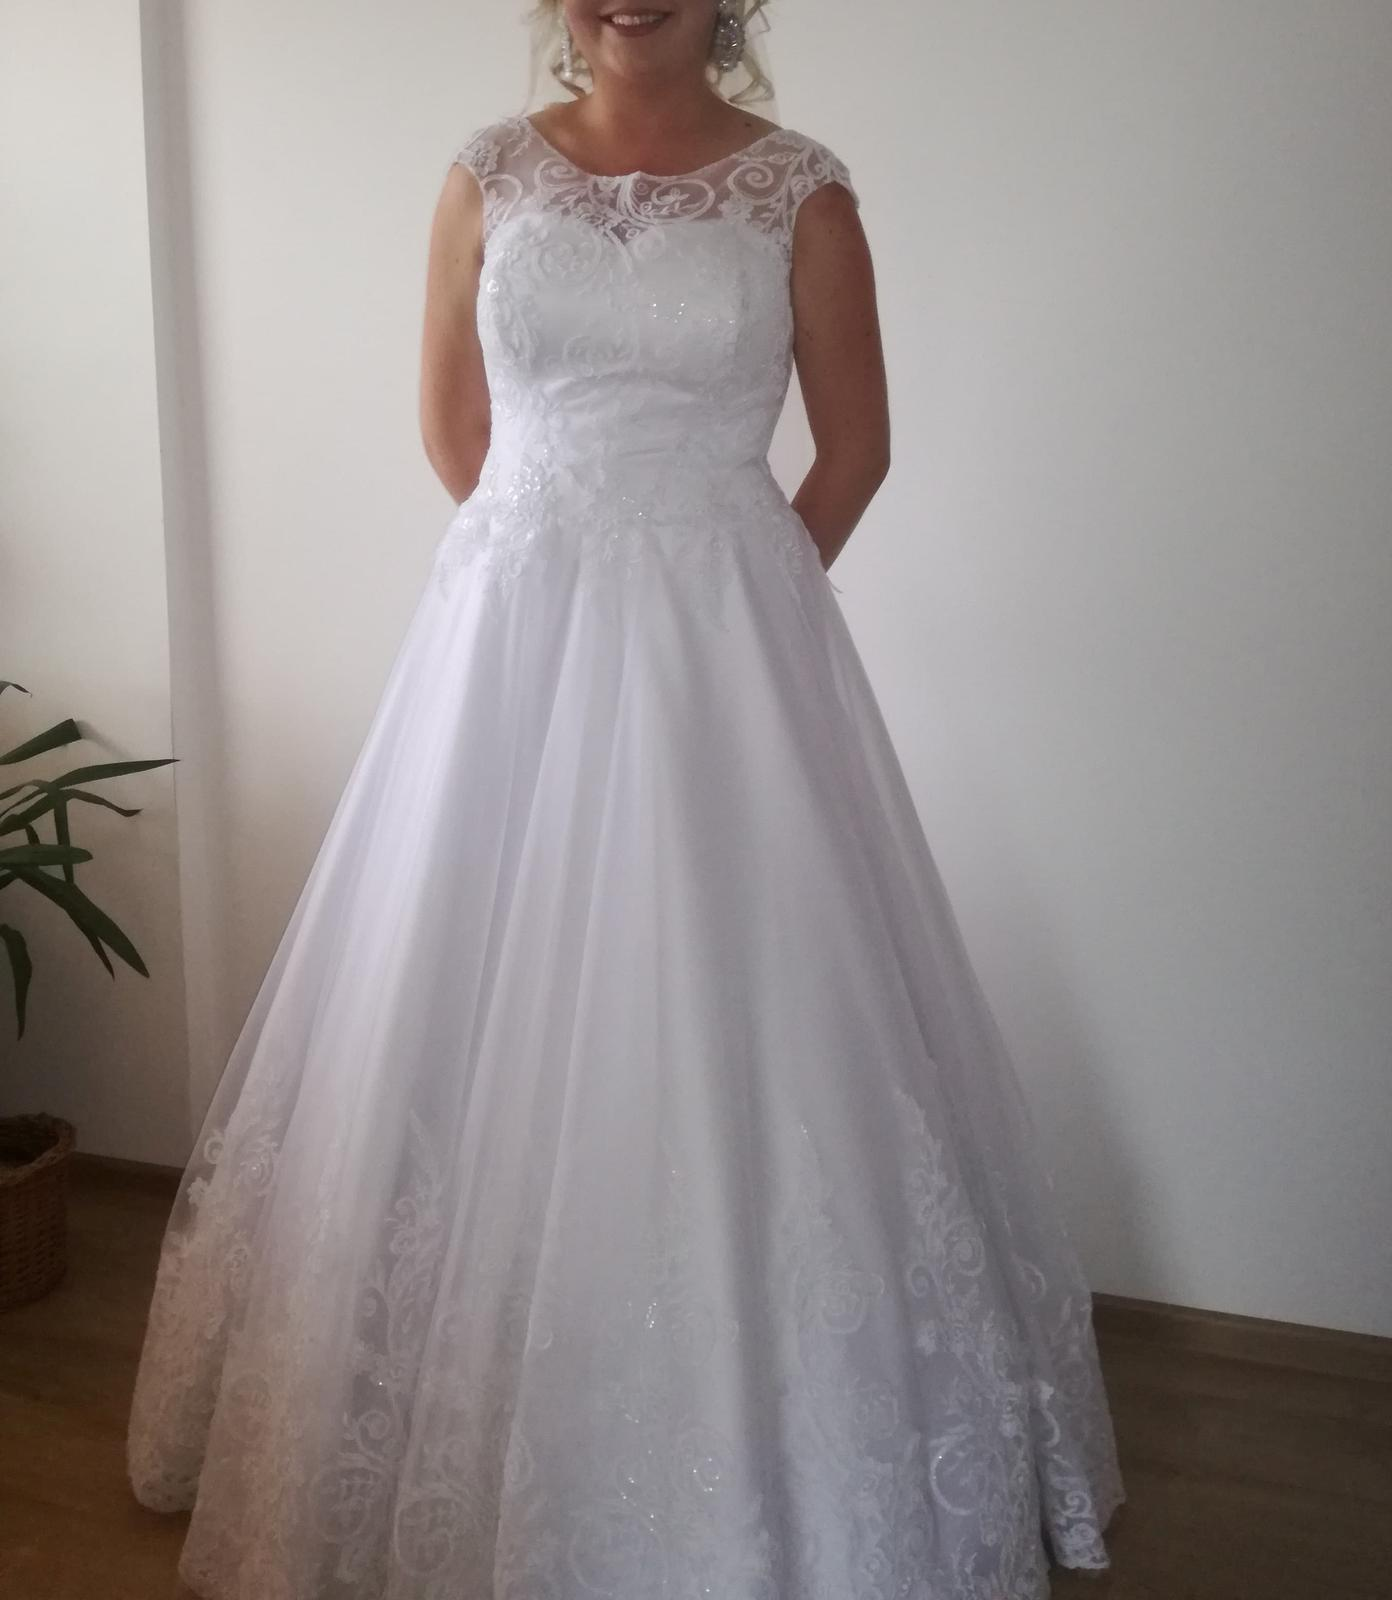 svadobné šaty 180cm - Obrázok č. 3